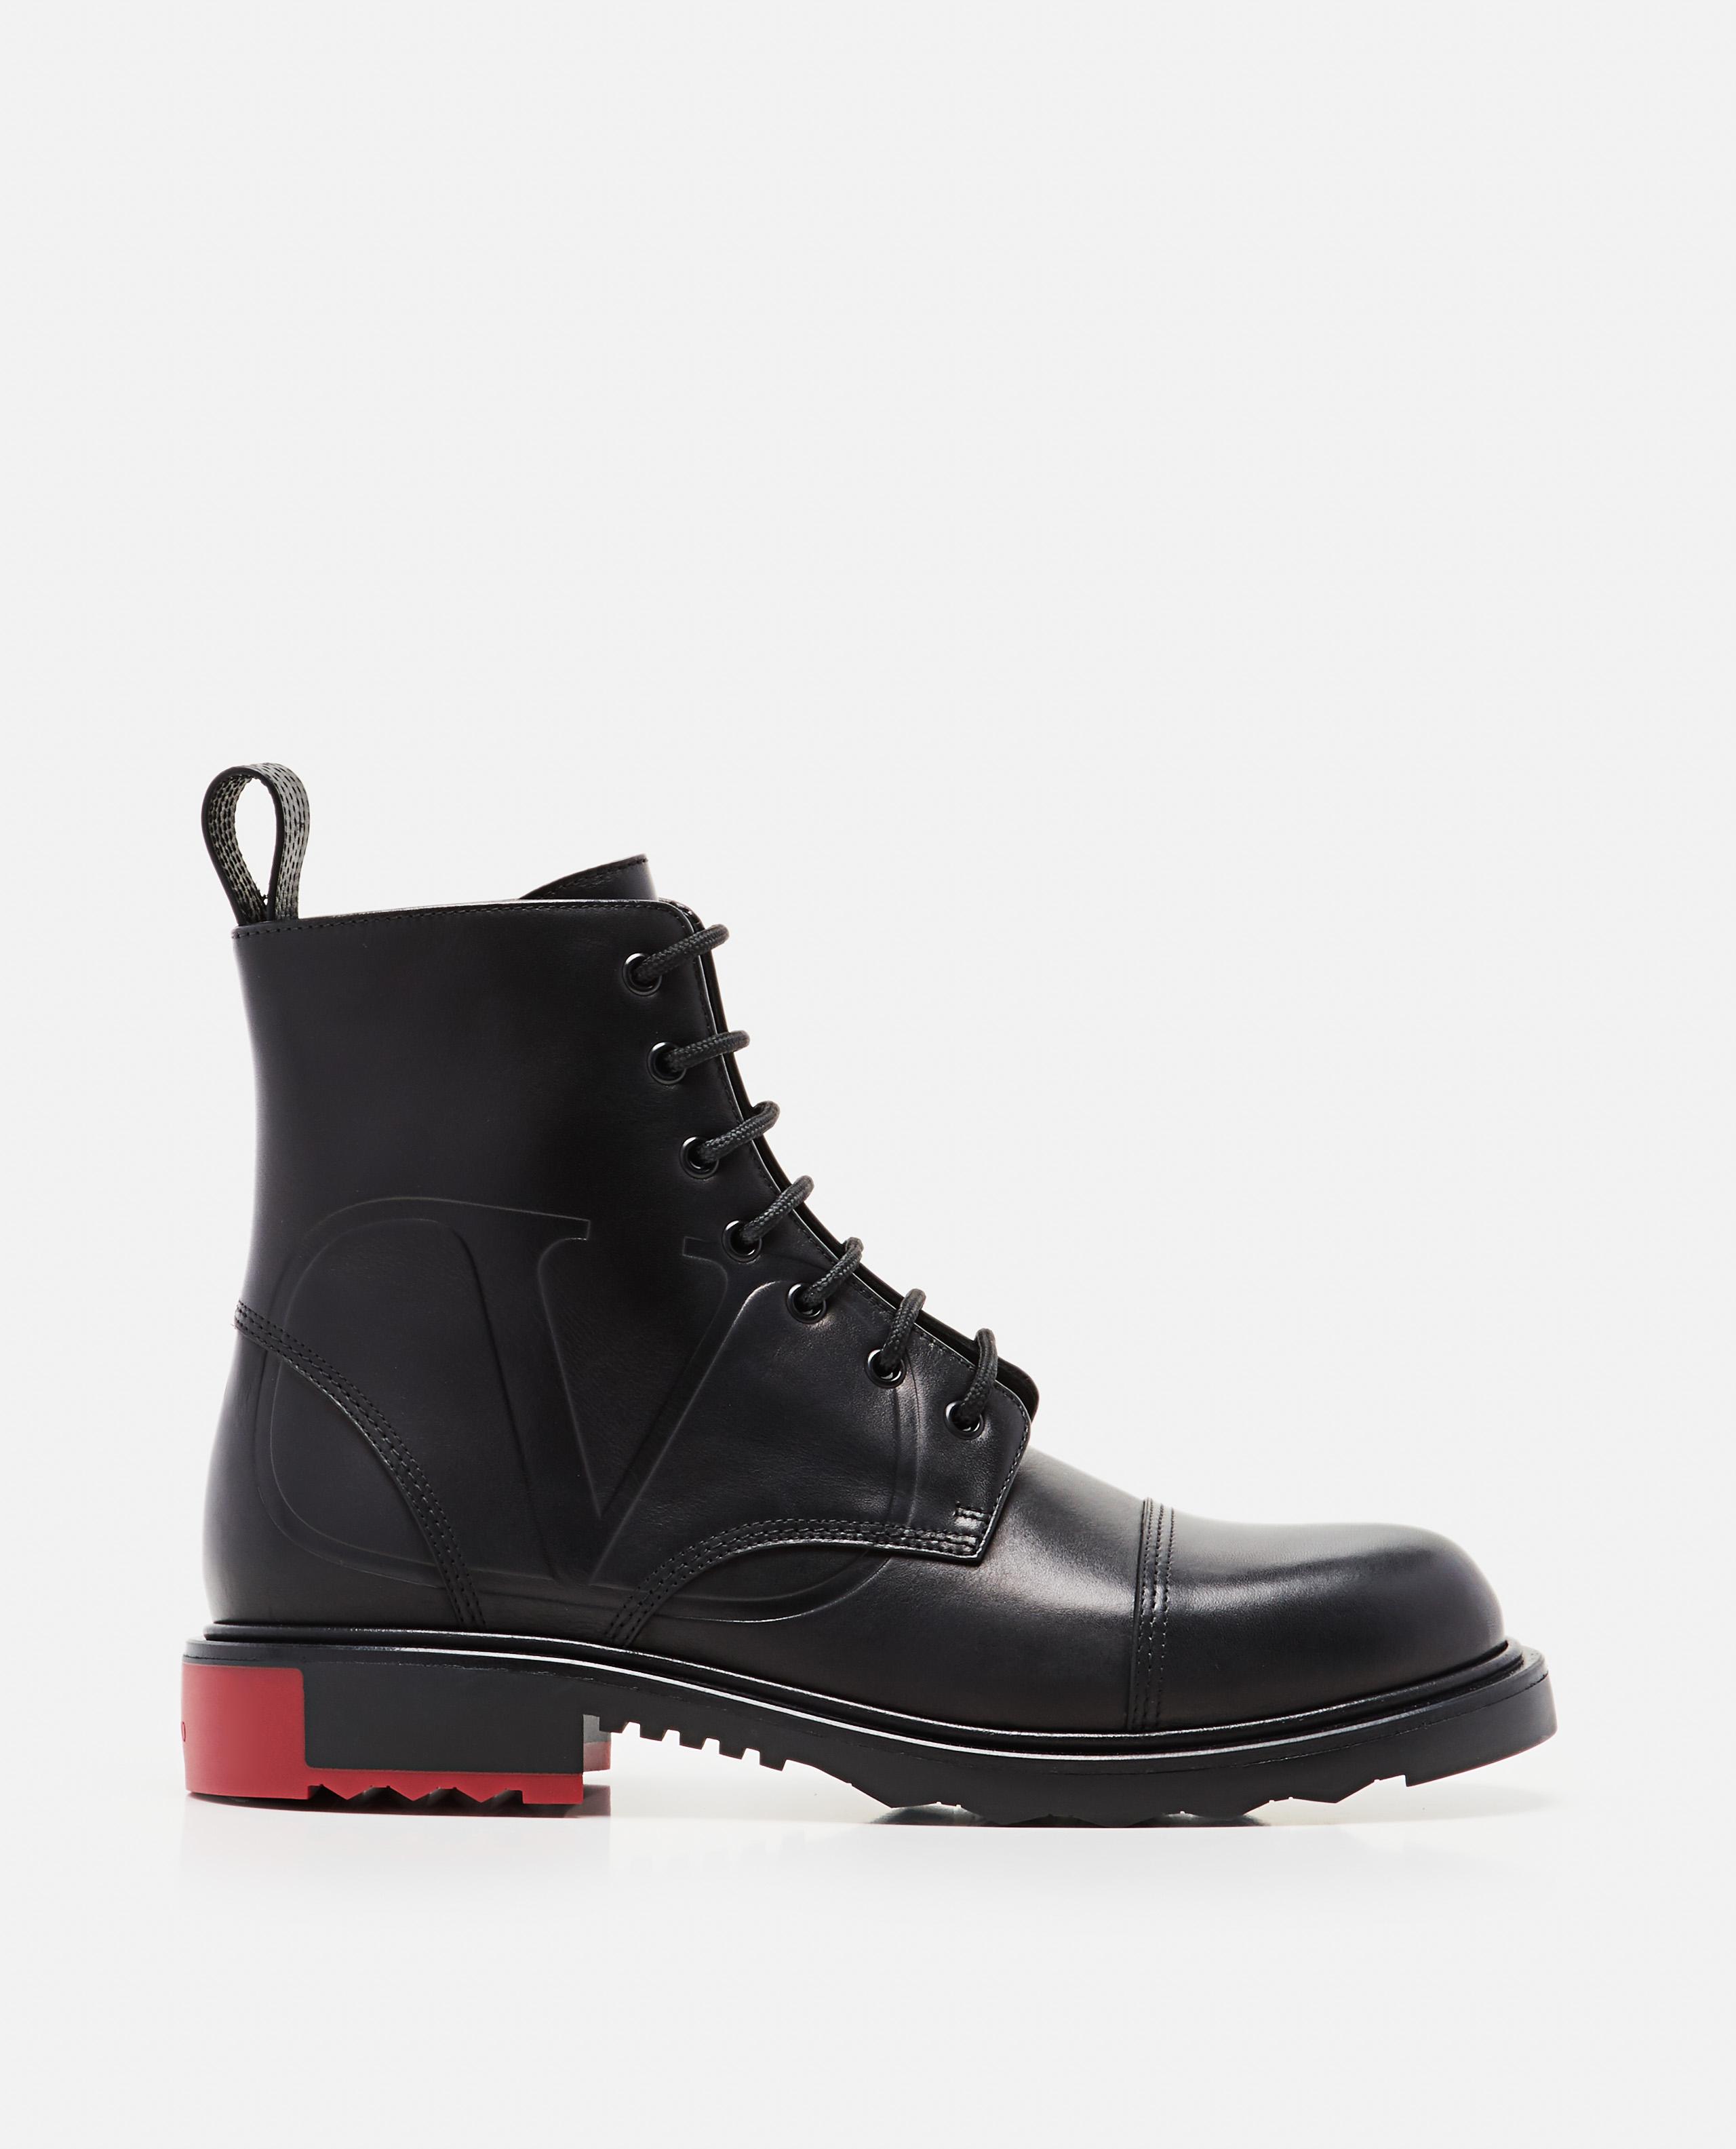 Valentino Garavani VLOGO boots